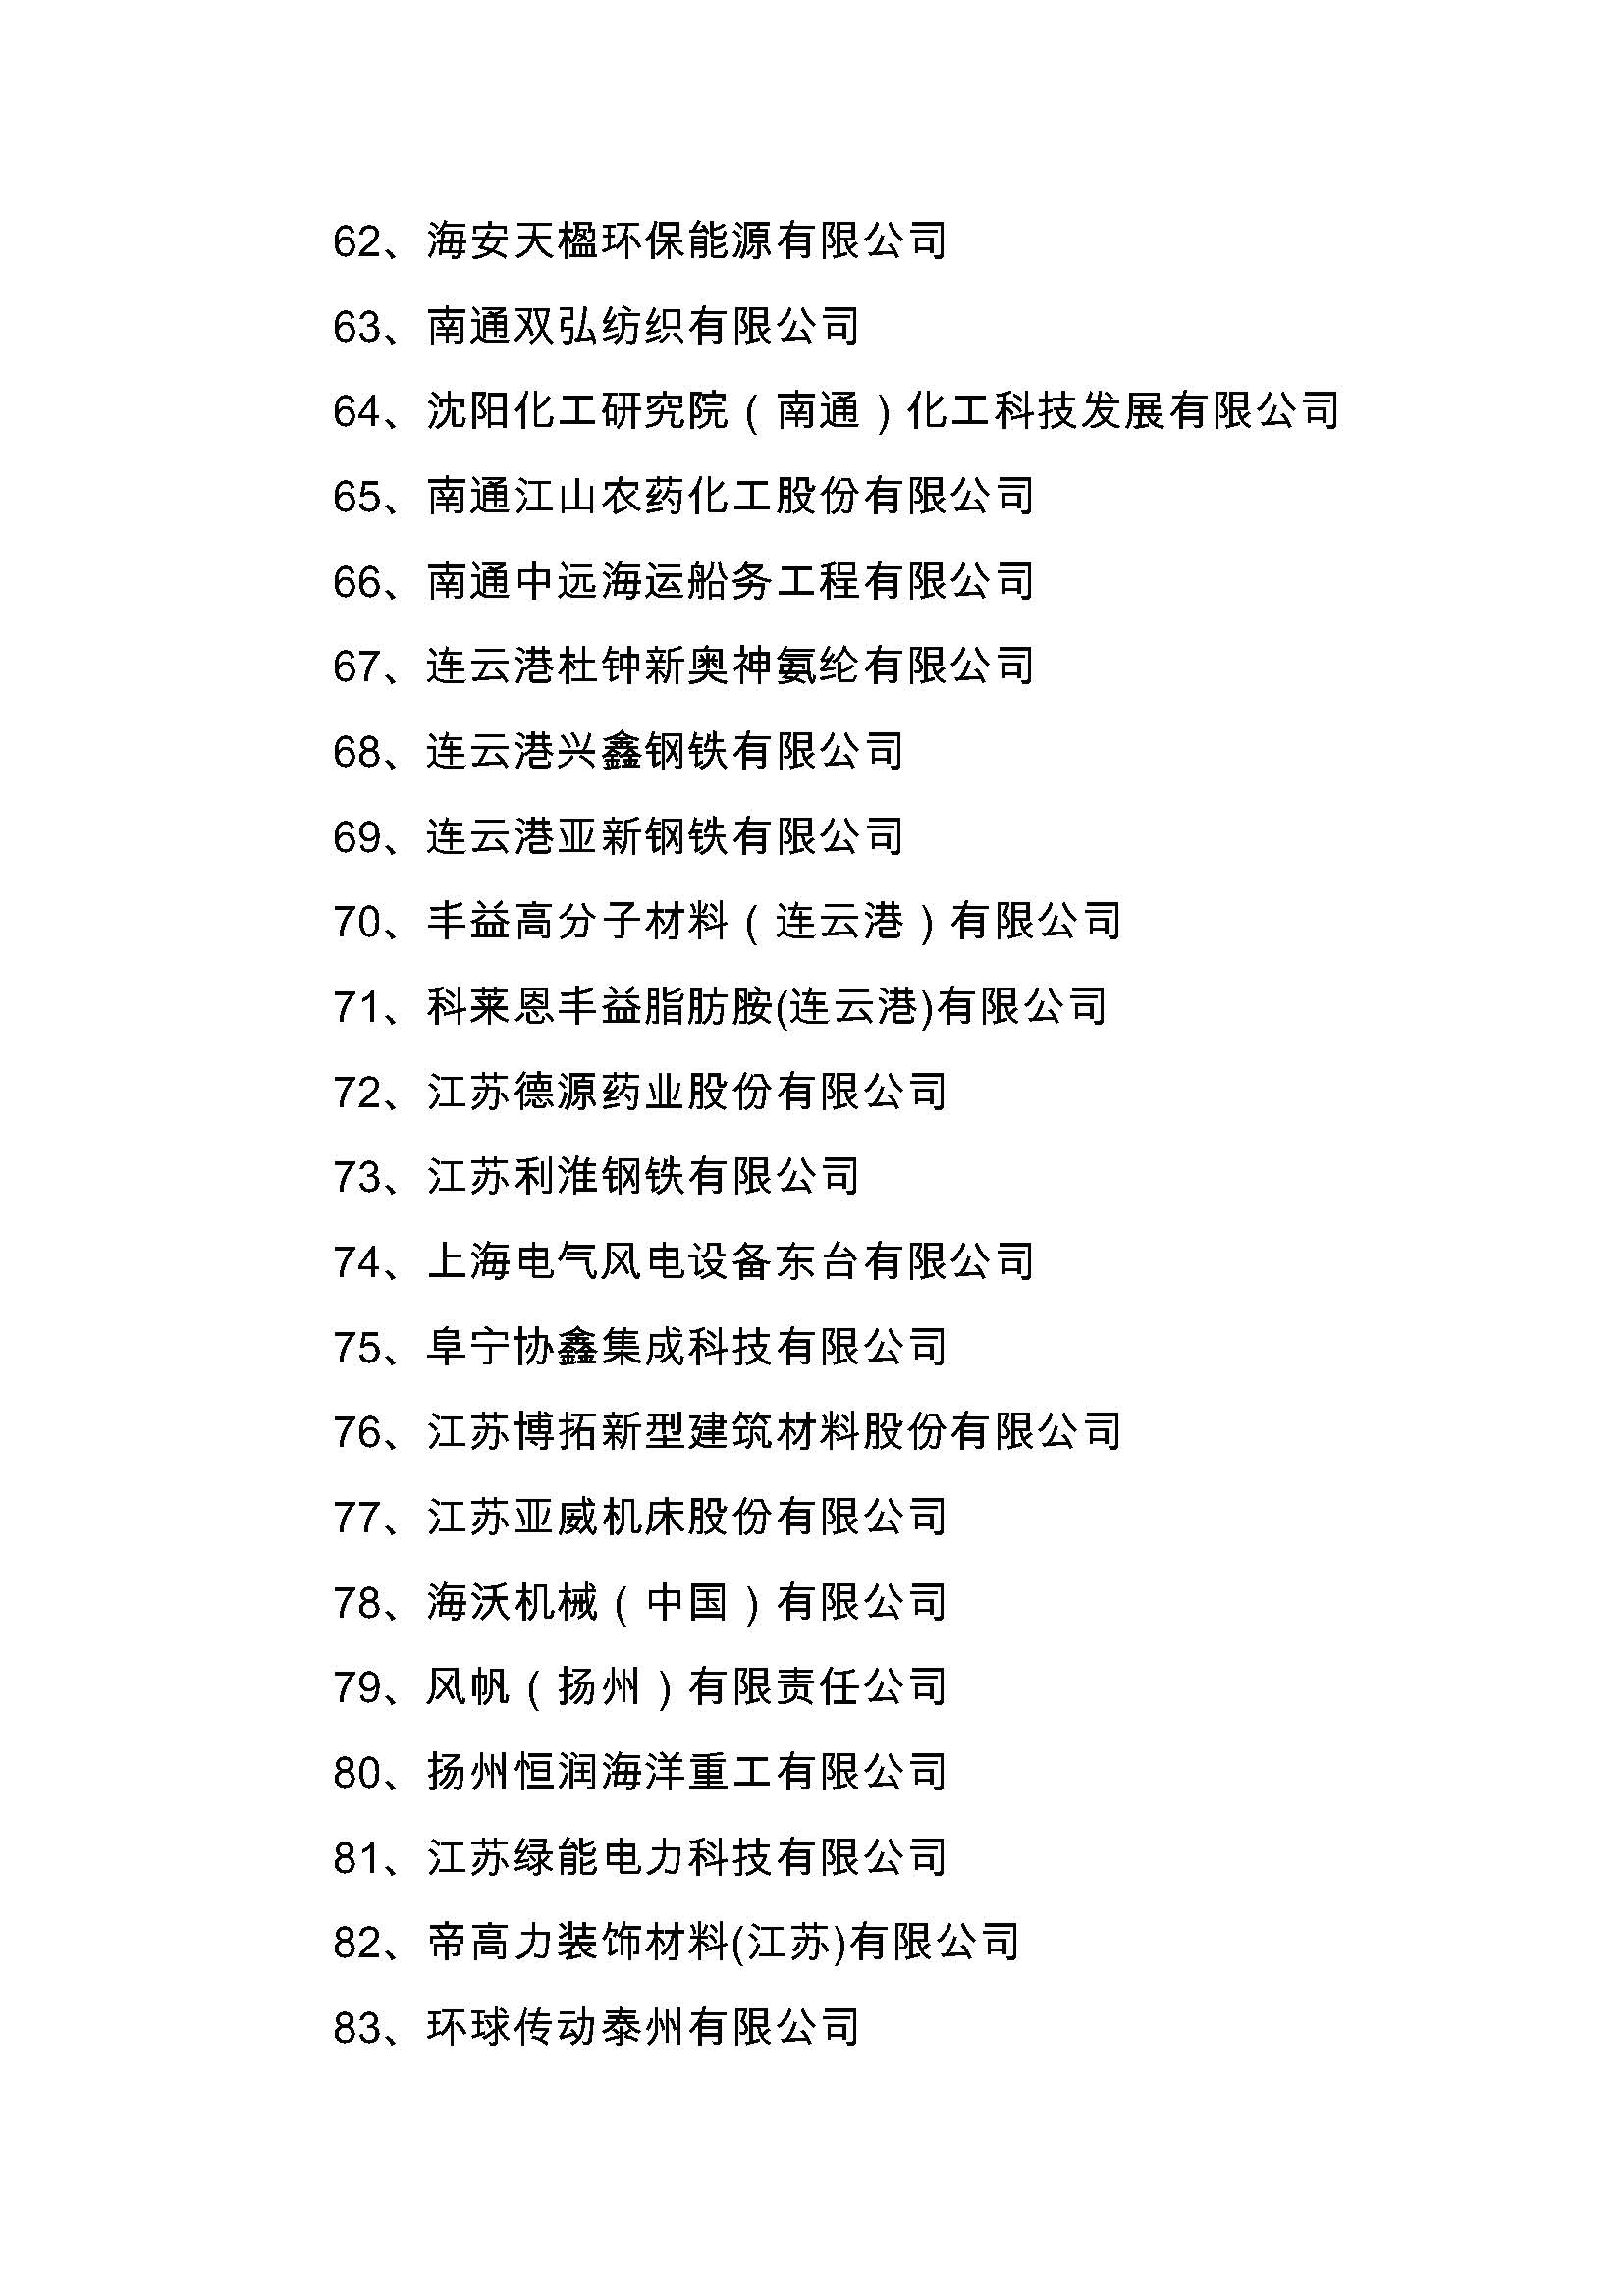 附件:2020年江苏省绿色工厂(第一批)拟入围名单_页面_4.jpg